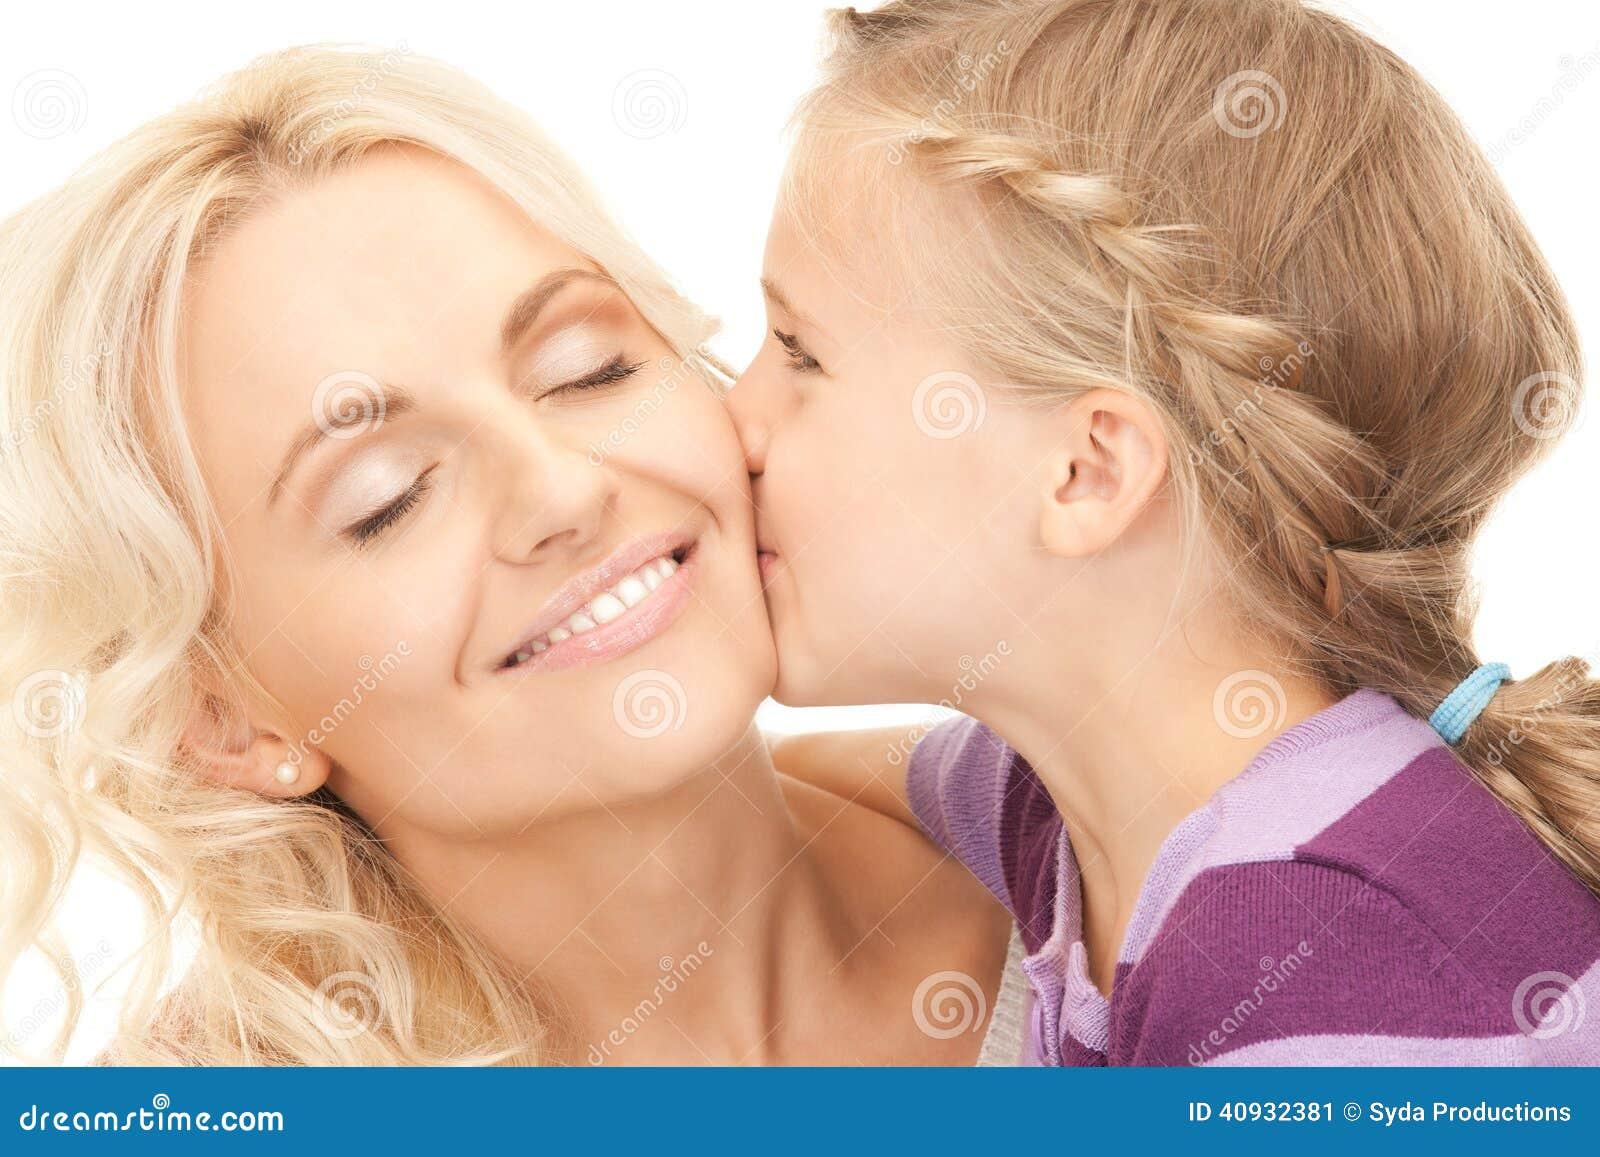 С мамой и дочкой 18 фотография